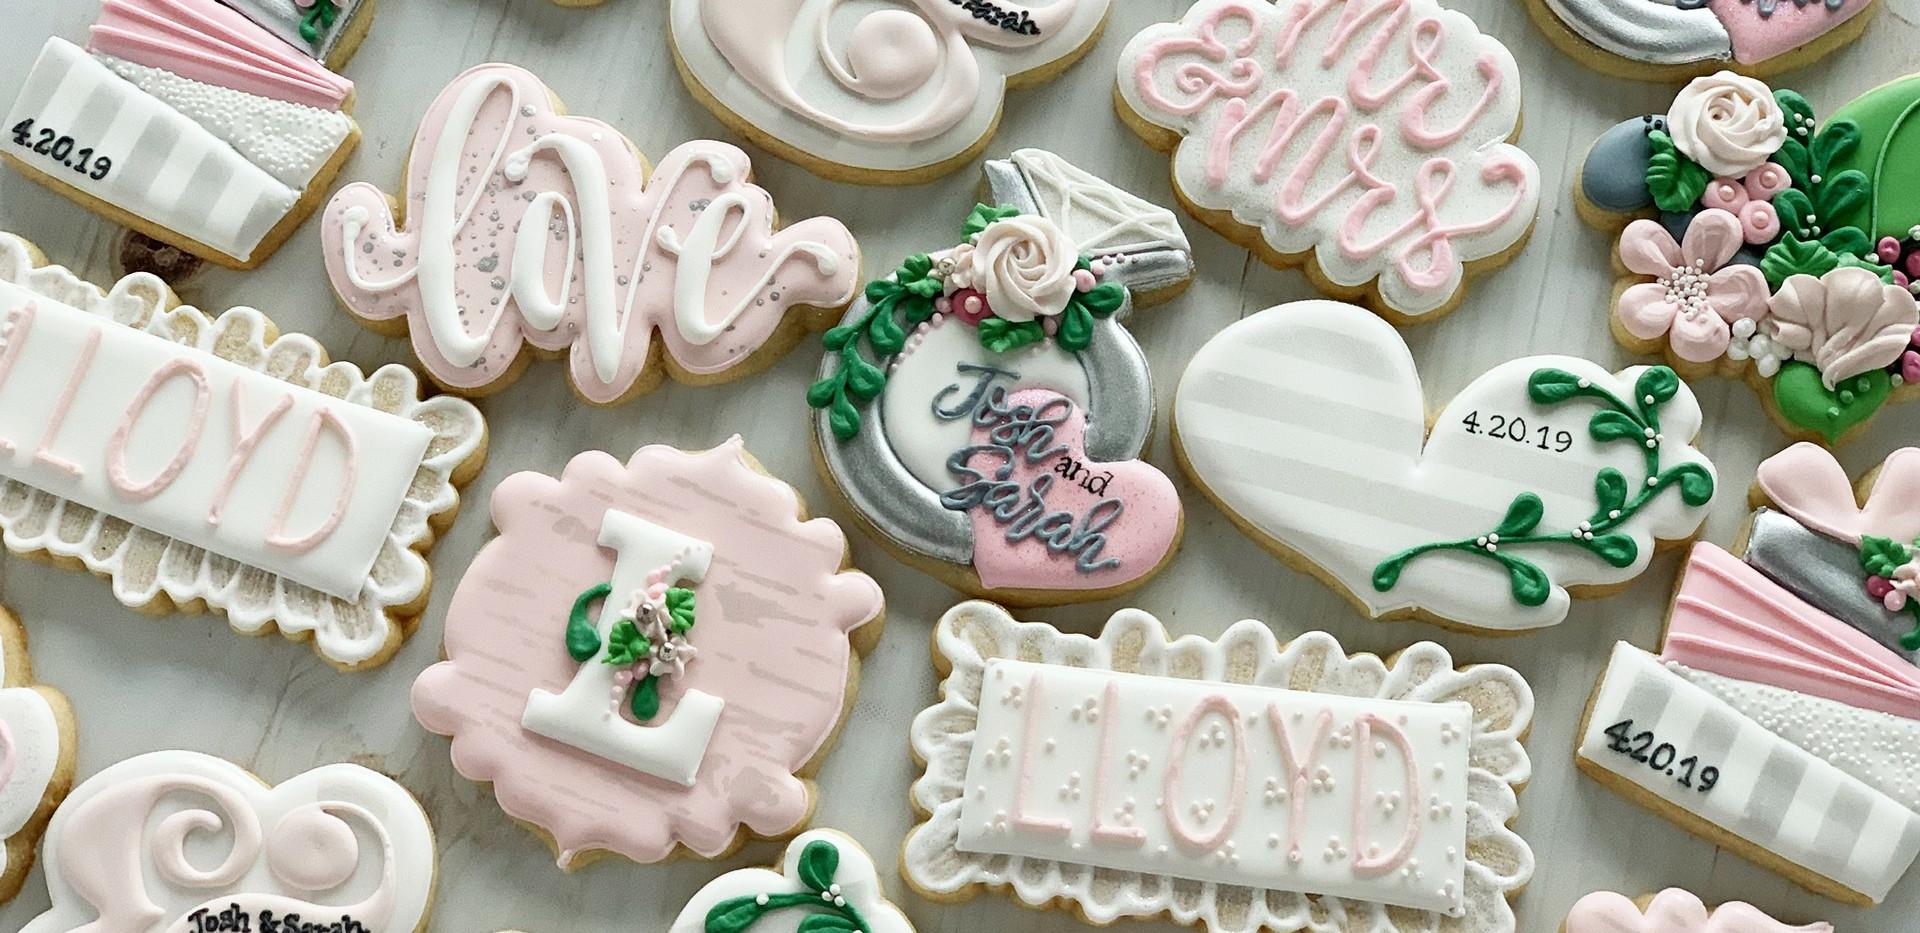 Lloyd Wedding Shower Cookies _ Simply Re